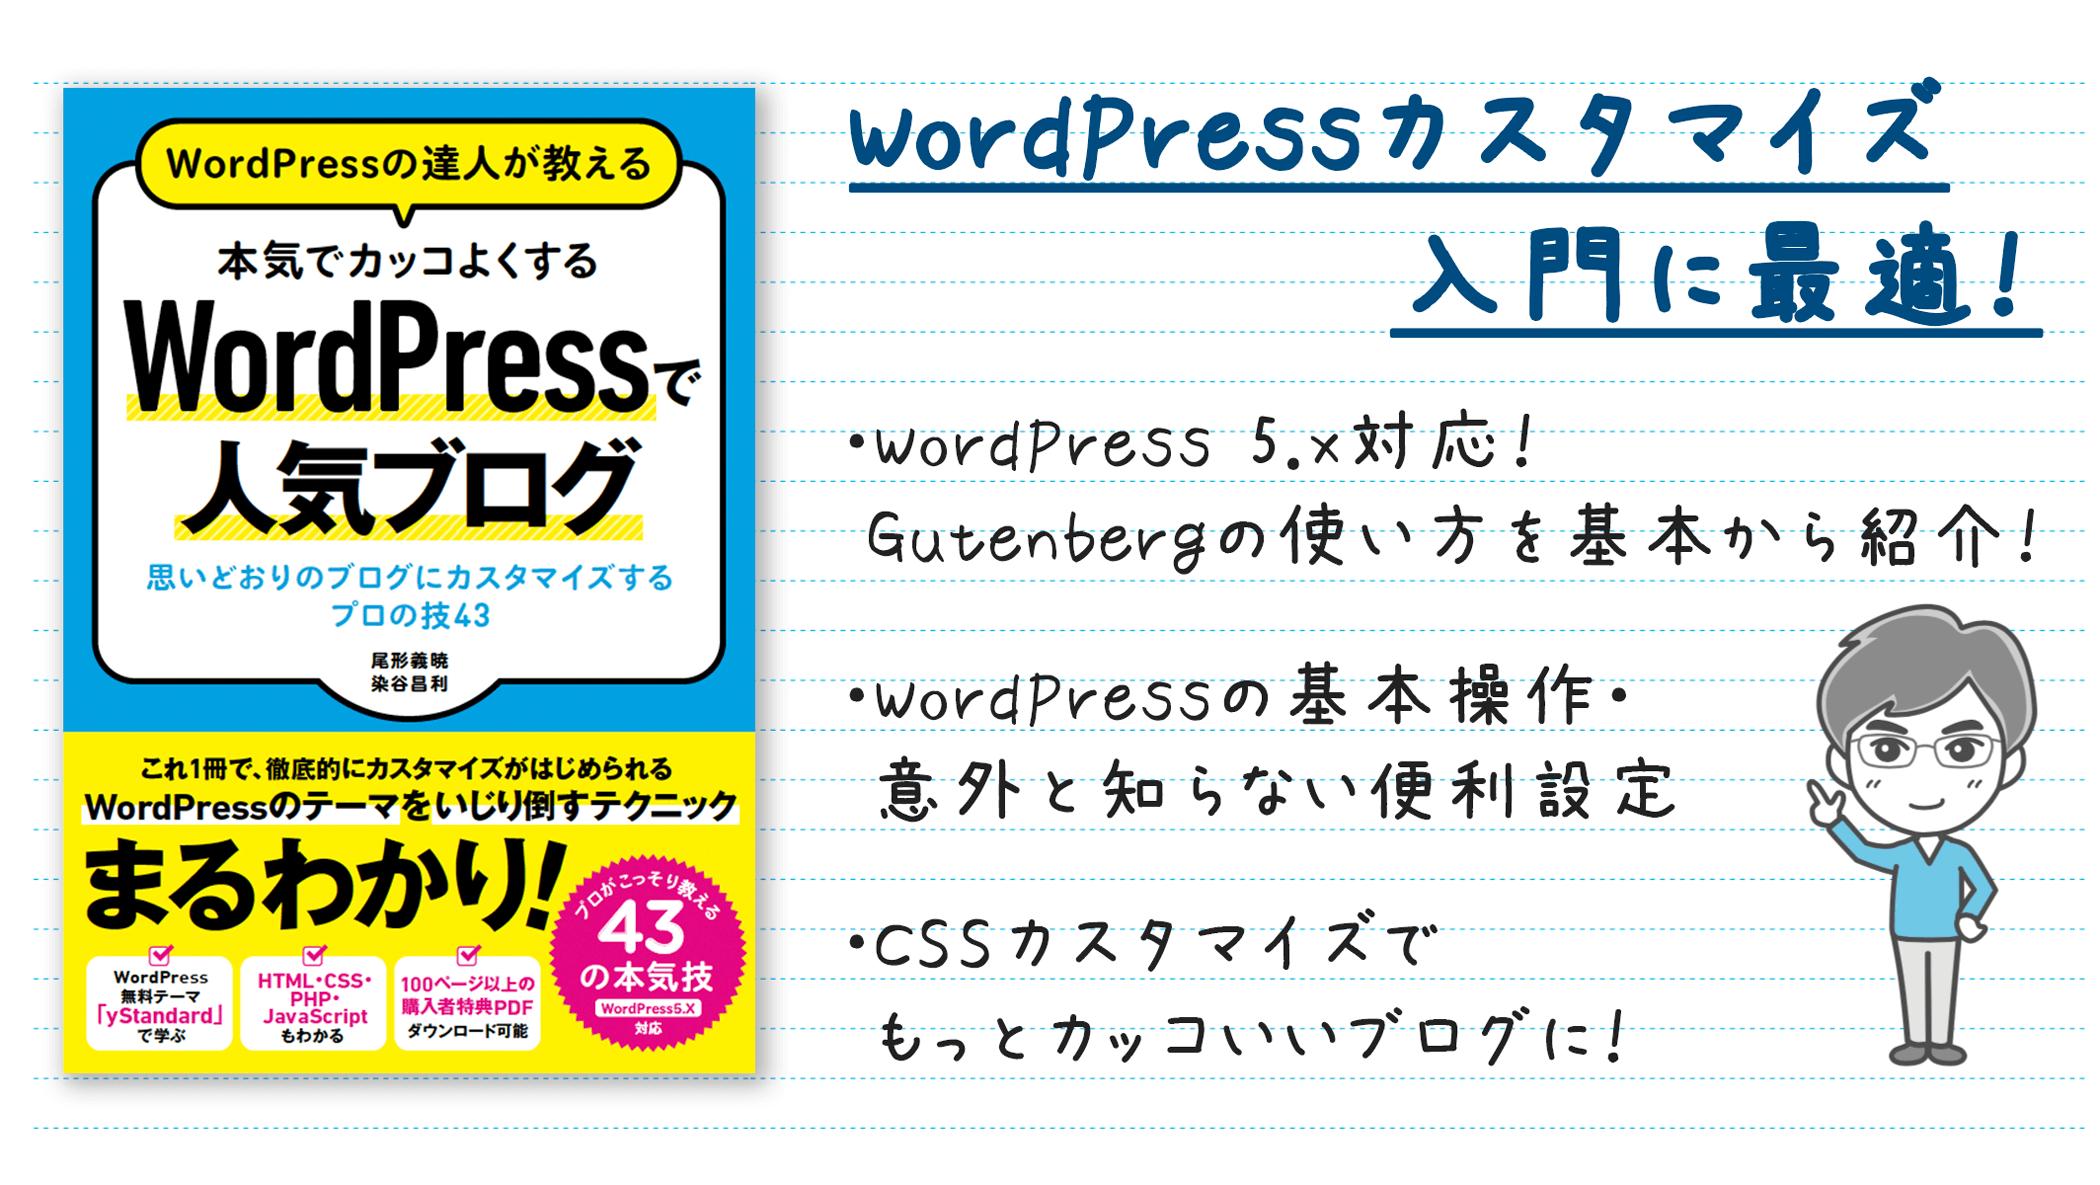 「WordPressの達人が教える 本気でカッコよくする WordPressで人気ブログ 思い通りのブログにカスタマイズするプロの技43」